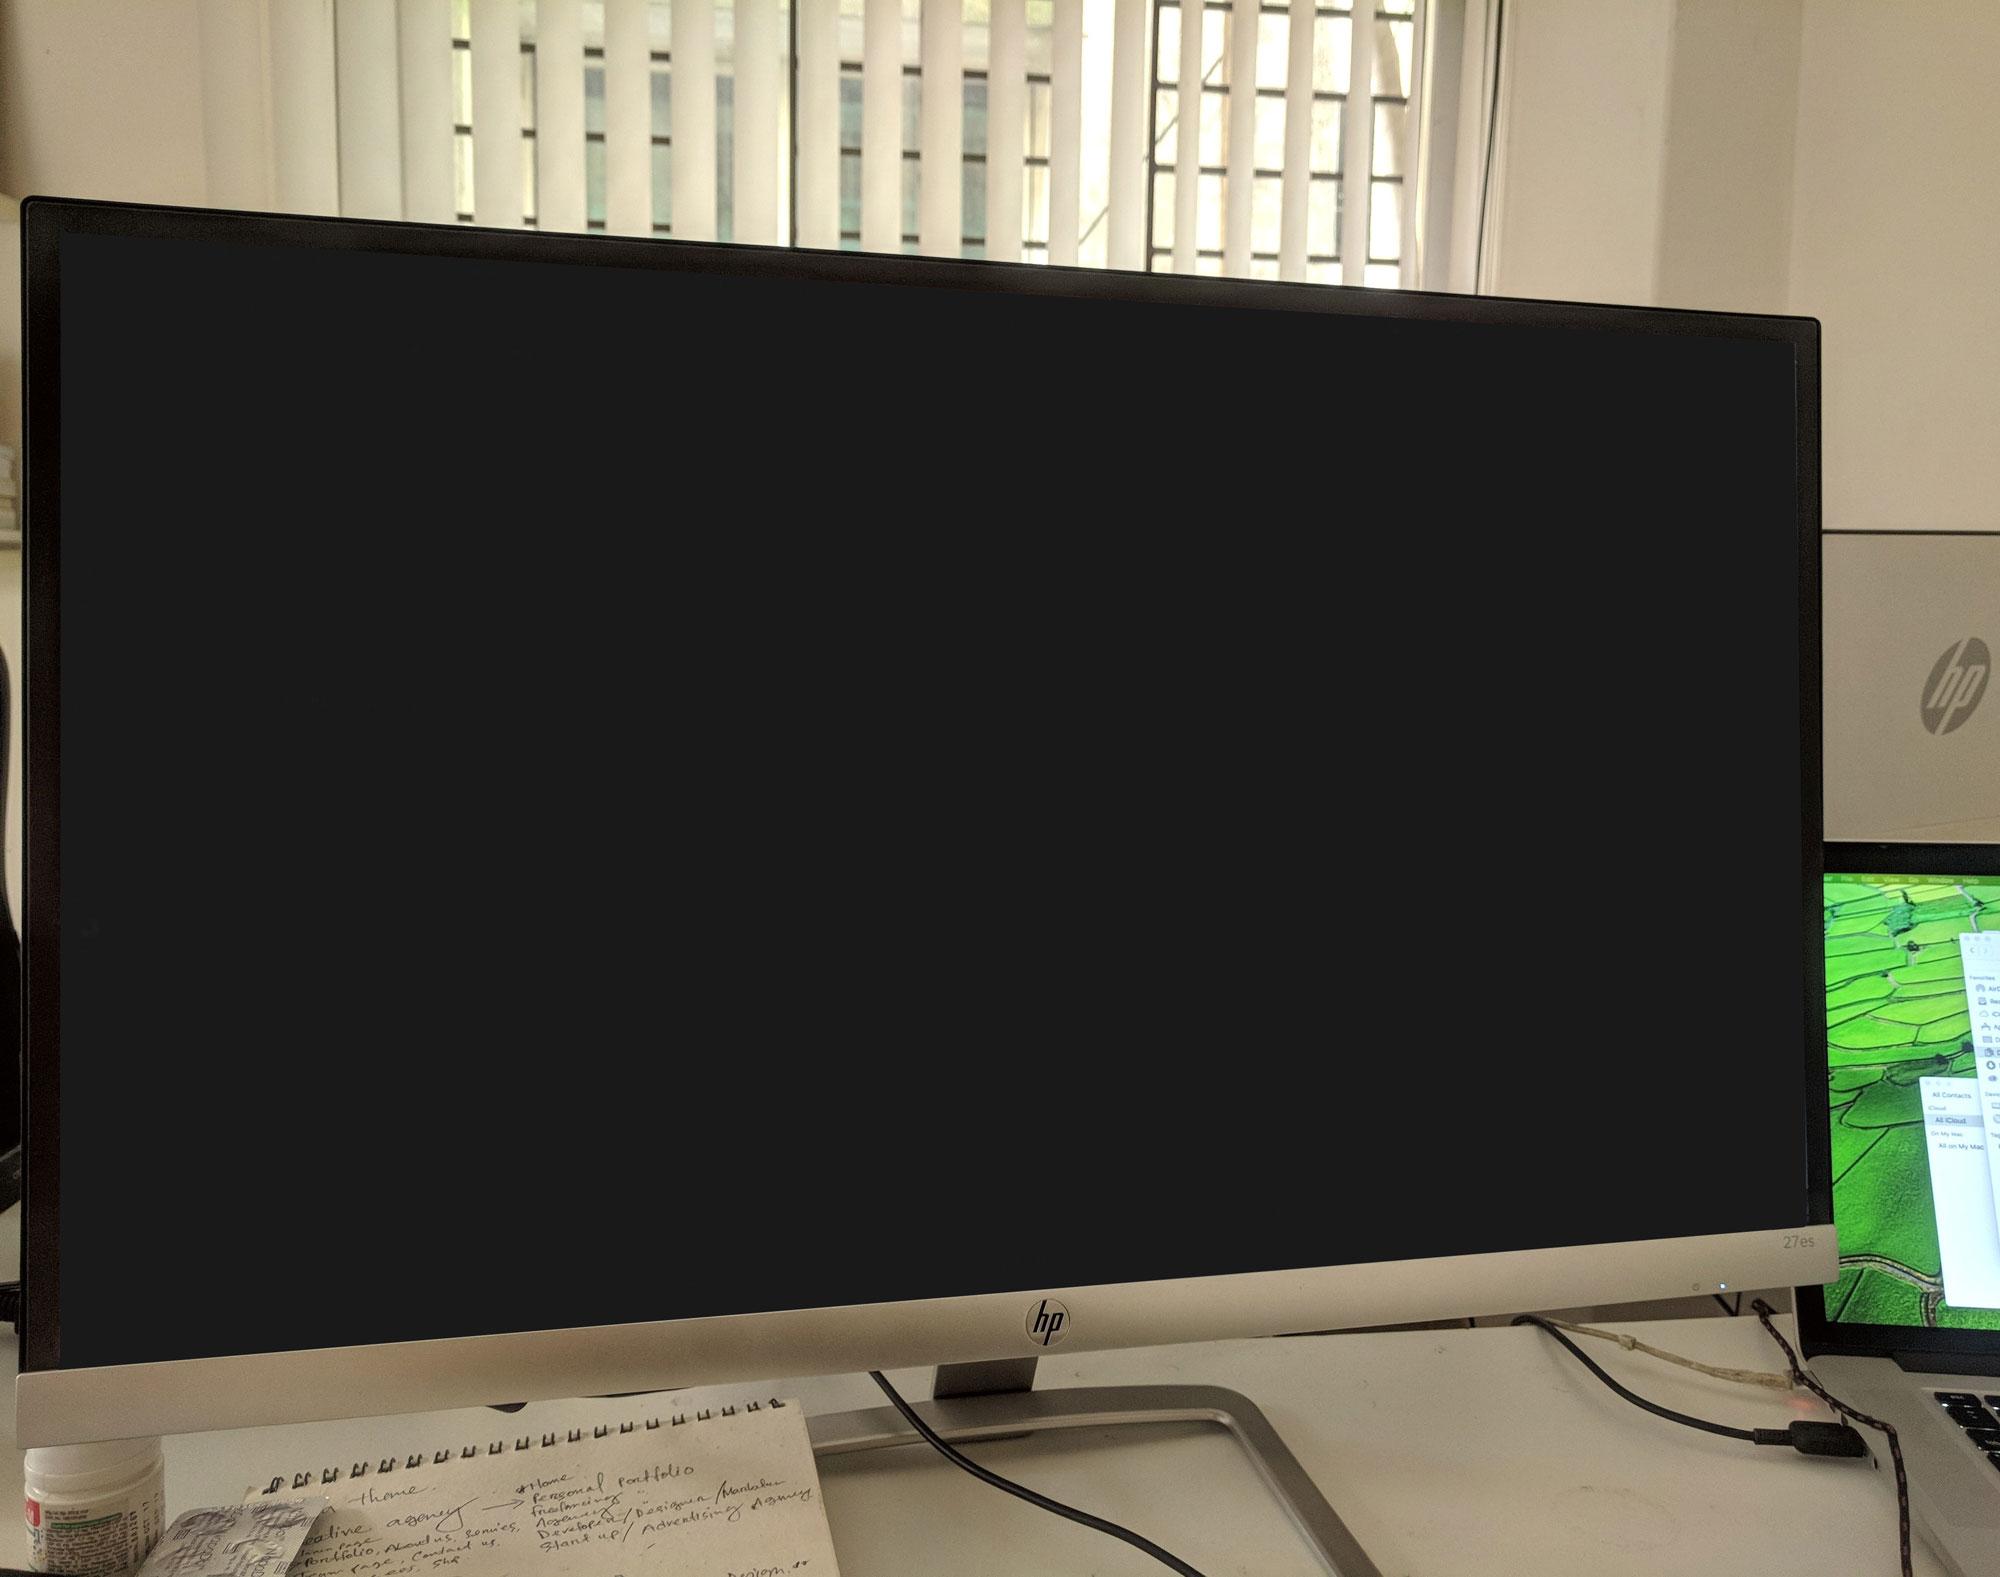 blank external display mockup